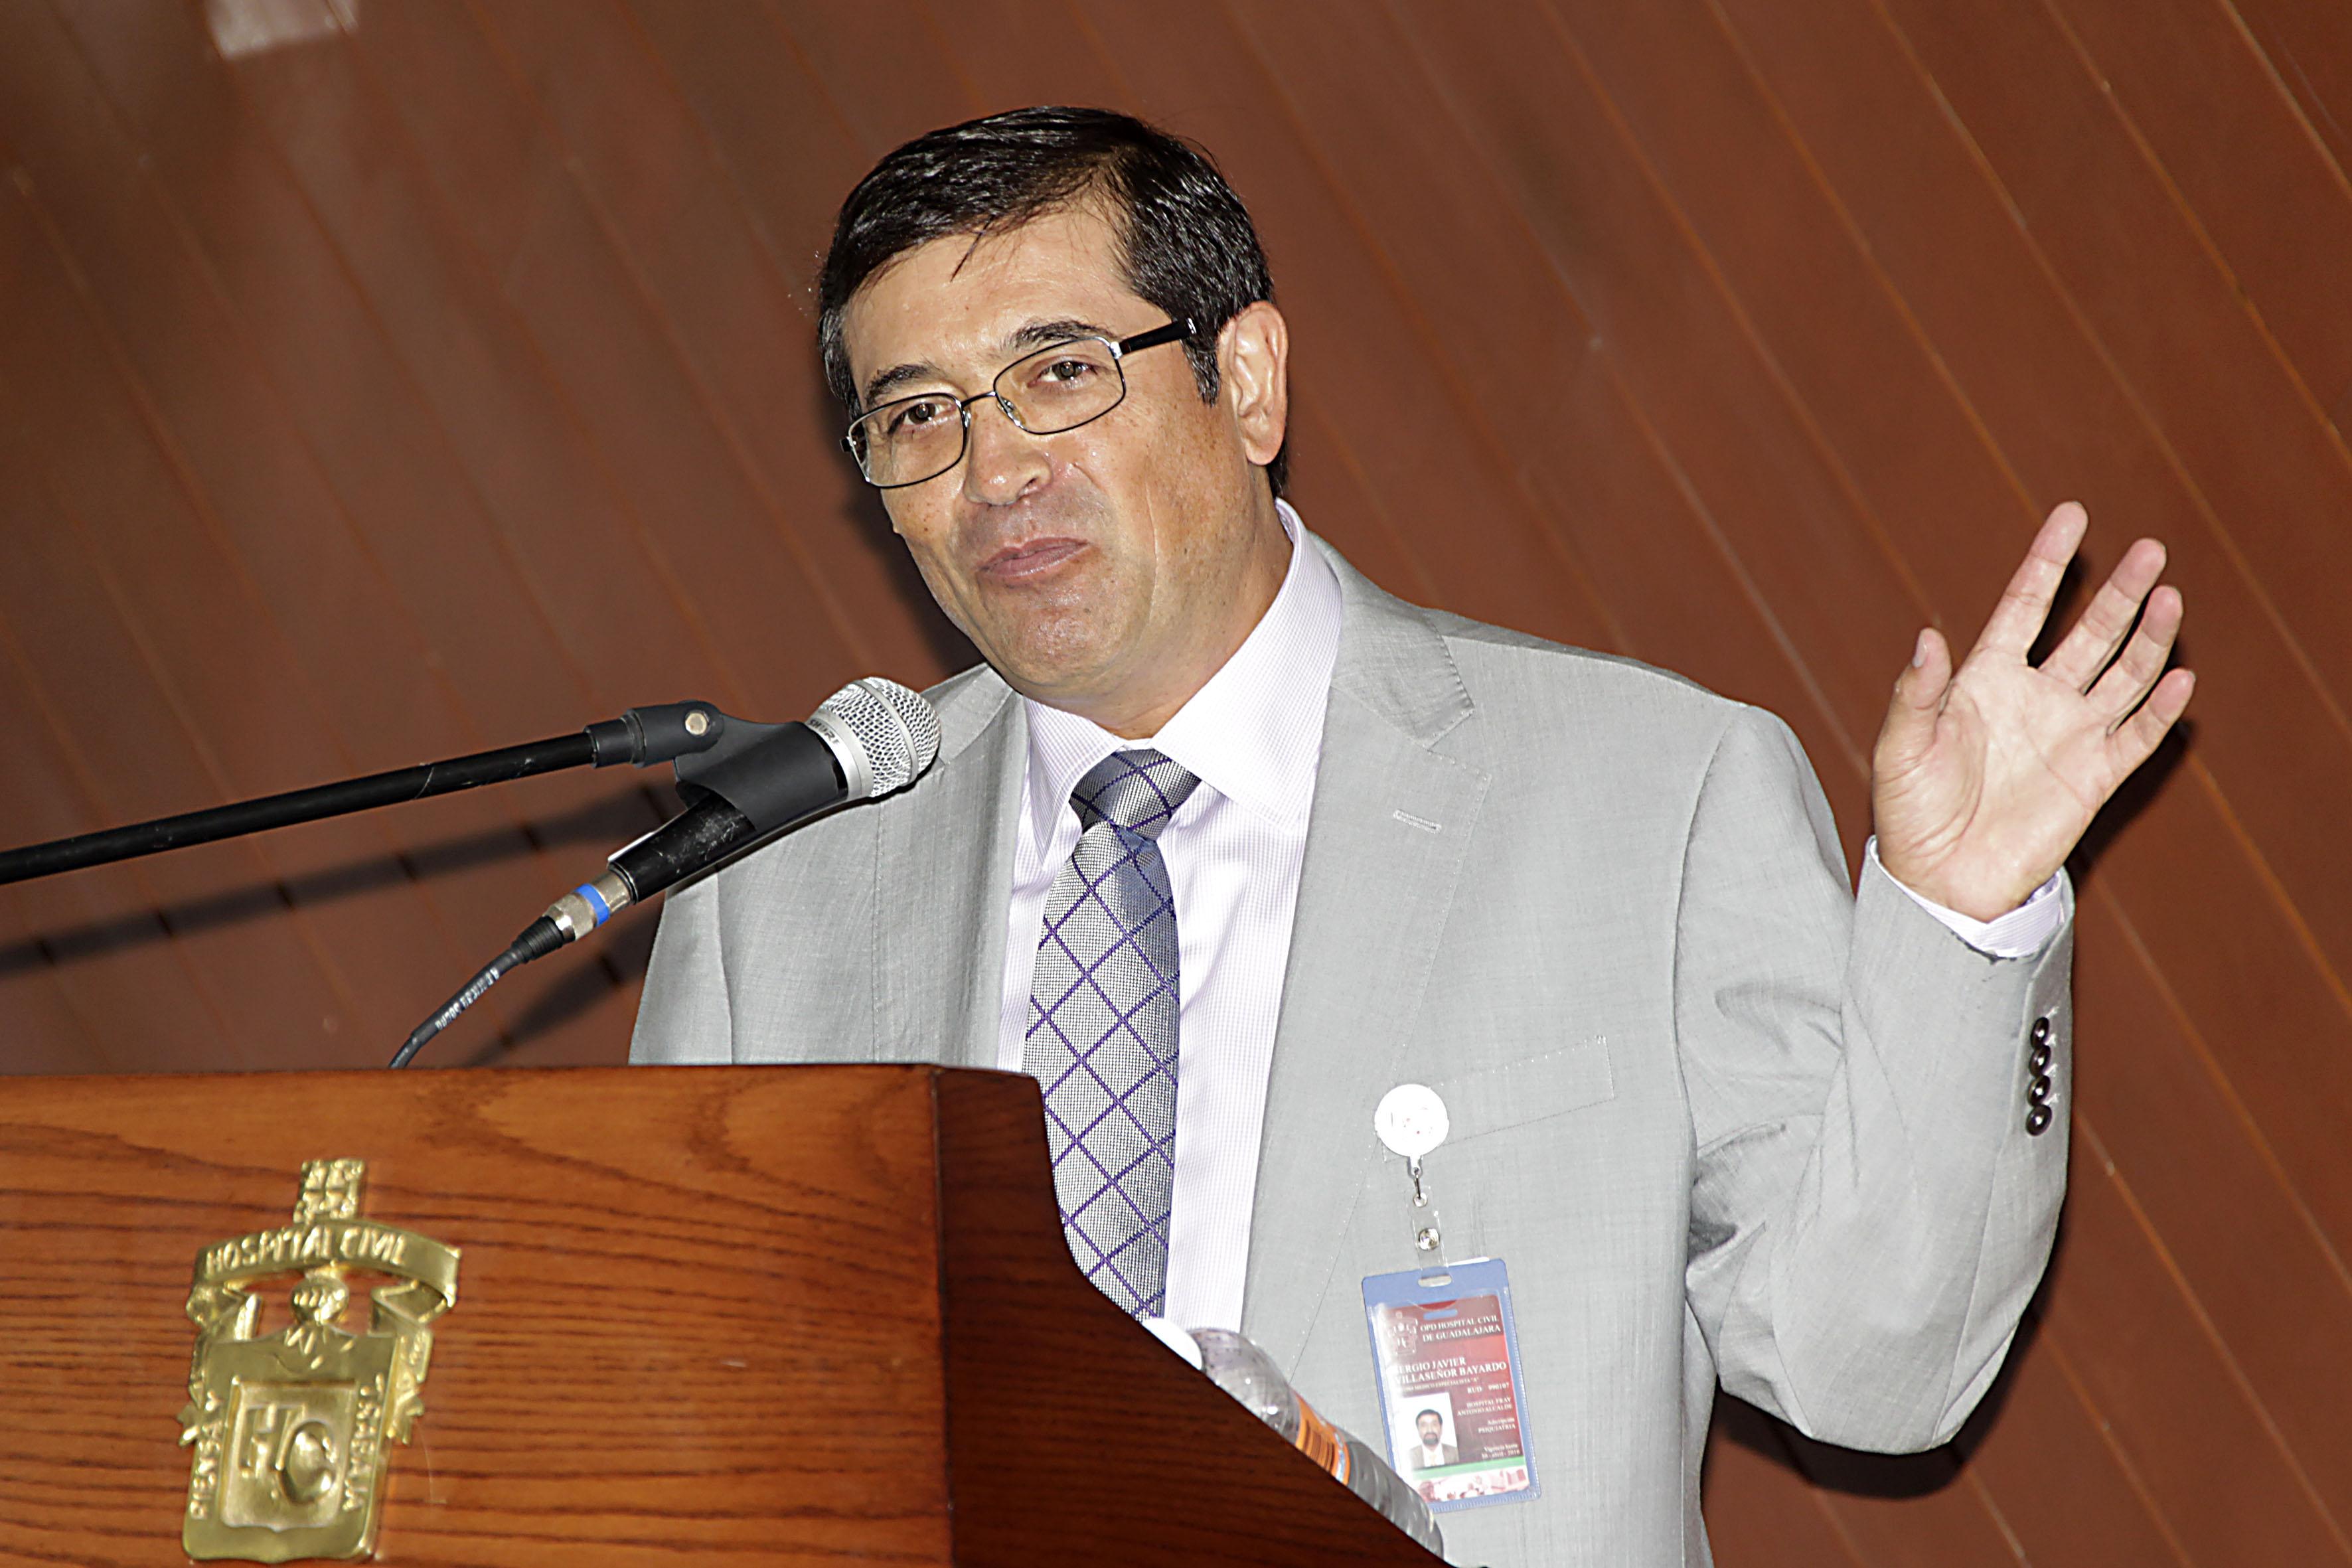 Frente al micrófono el Doctor Sergio Villaseñor Bayardo